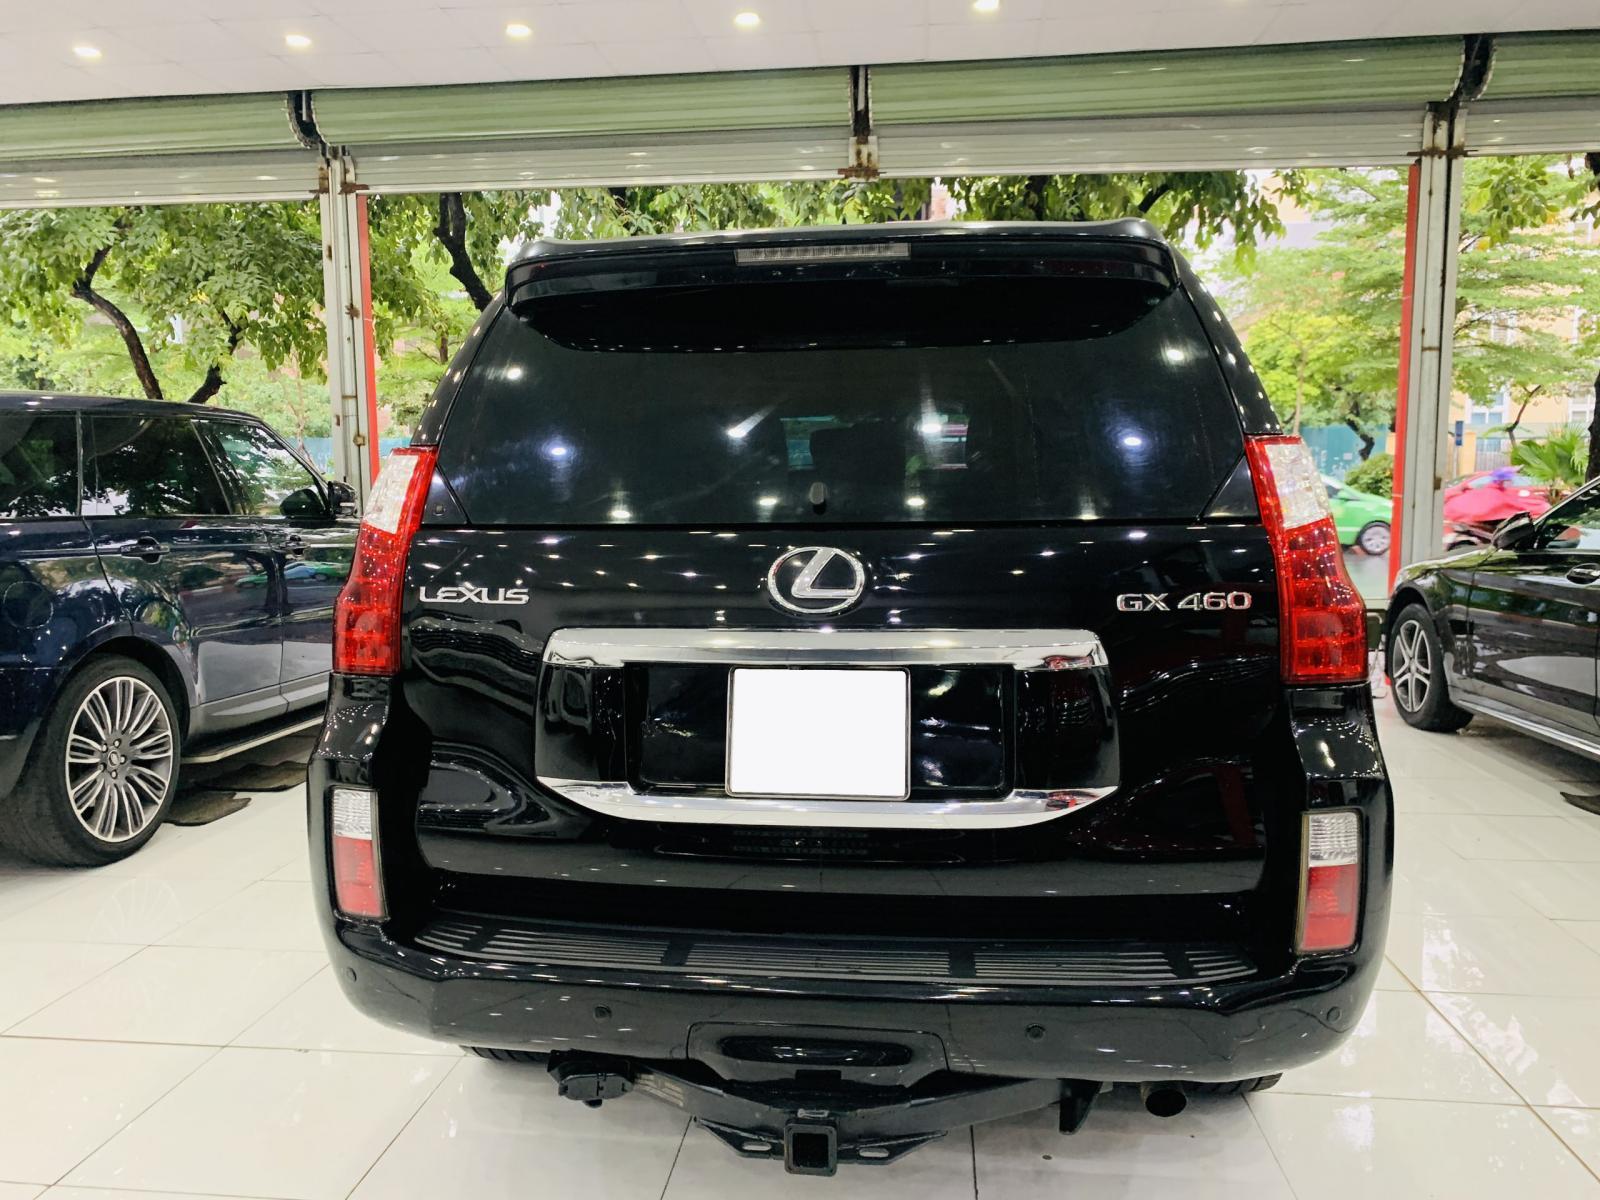 Bán ô tô Lexus GX460 đời 2010, màu đen, nhập khẩu nguyên chiếc